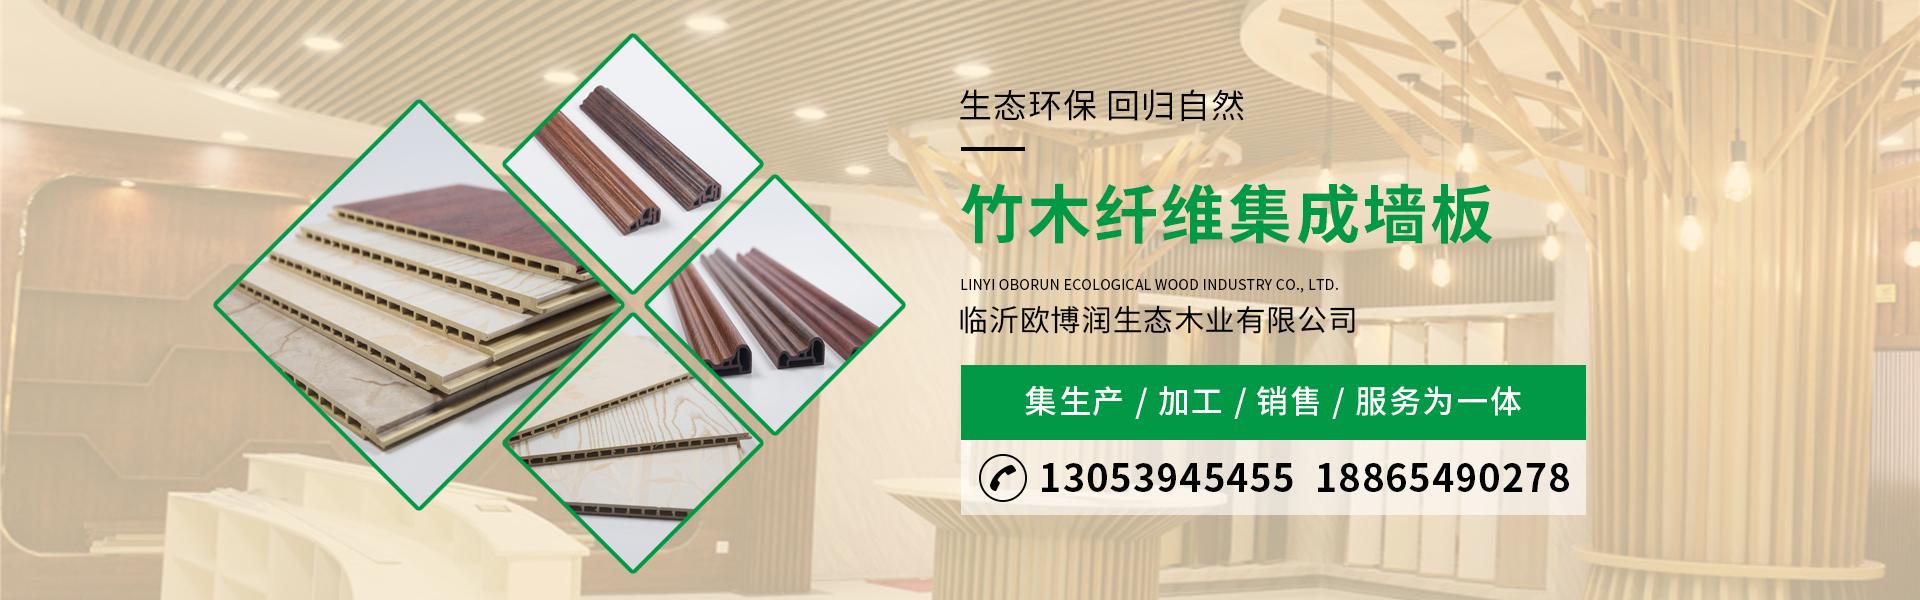 竹木纤维集成墙板厂家,临沂绿可生态木吊顶,临沂生态木厂家,生态木吊顶厂家